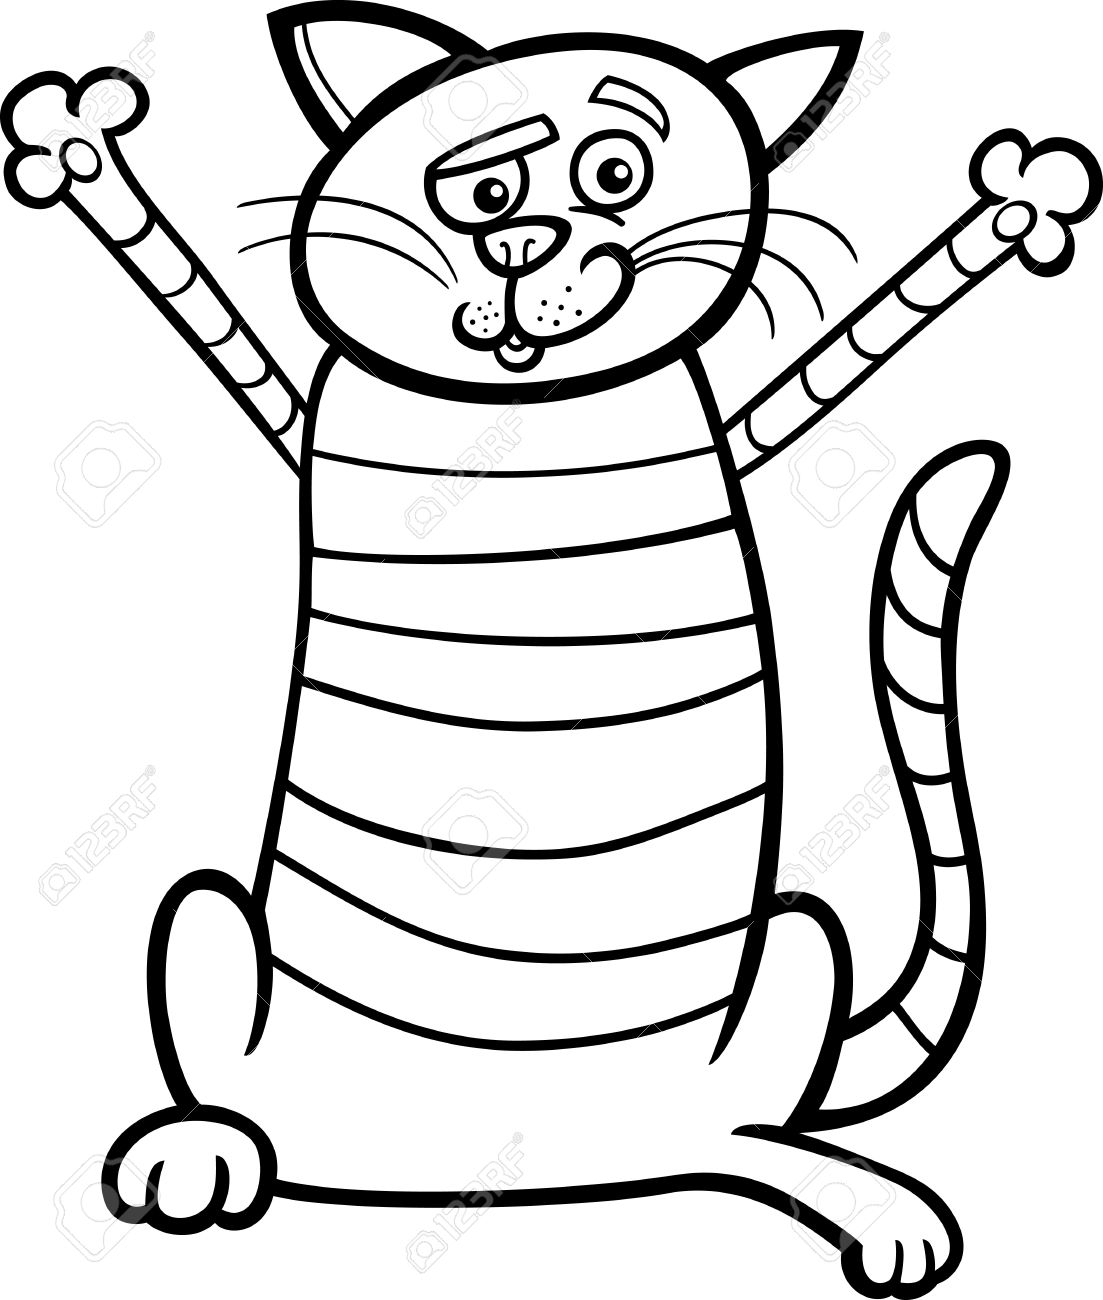 Black And White Cartoon Illustration Von Happy Tabby-Katze Für ...